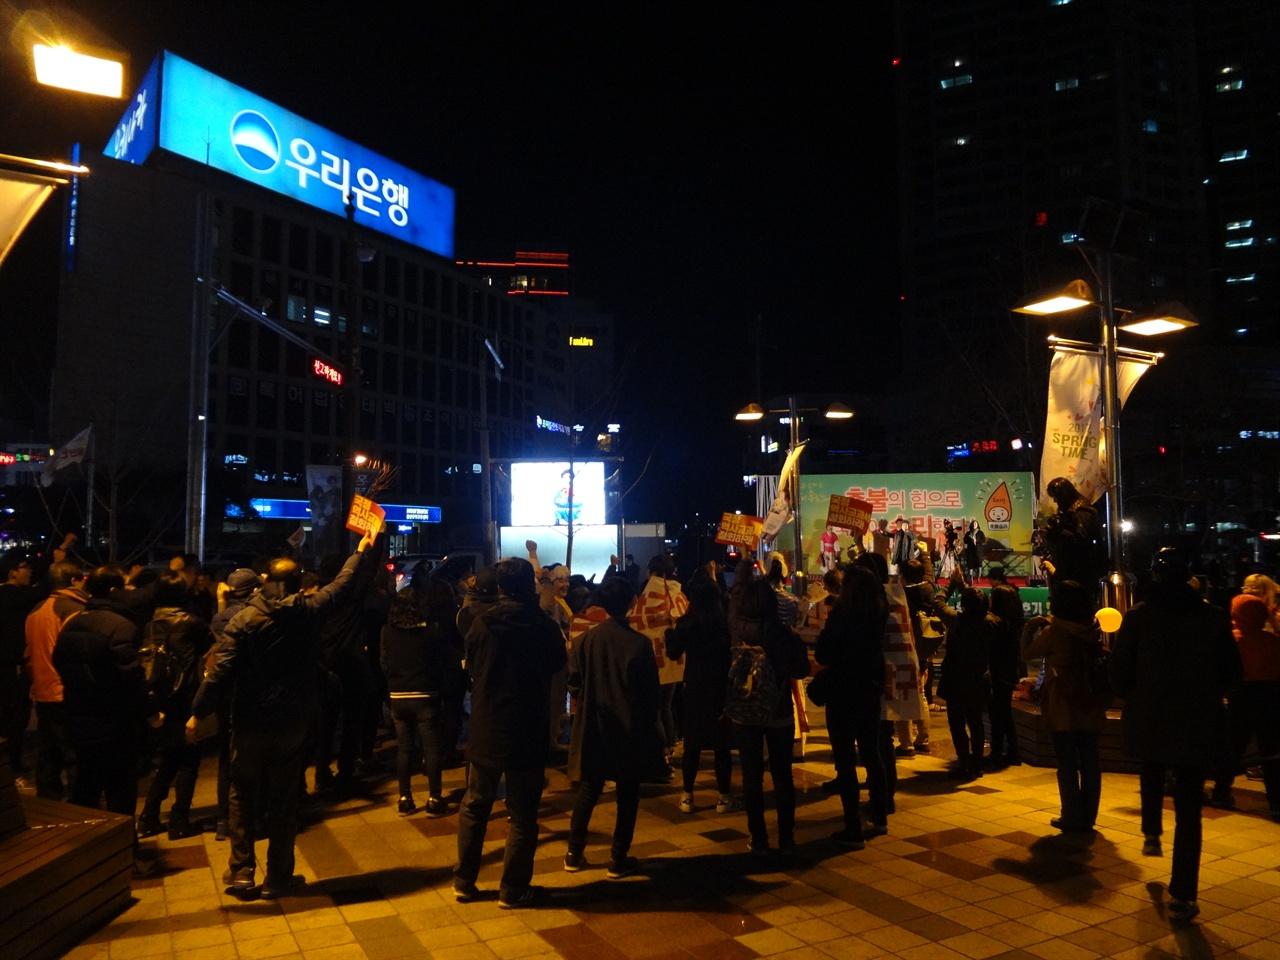 3월 25일에 예정된 다음 집회참여를 약속하며 시민들이 `만세!'를 외치고 있다.